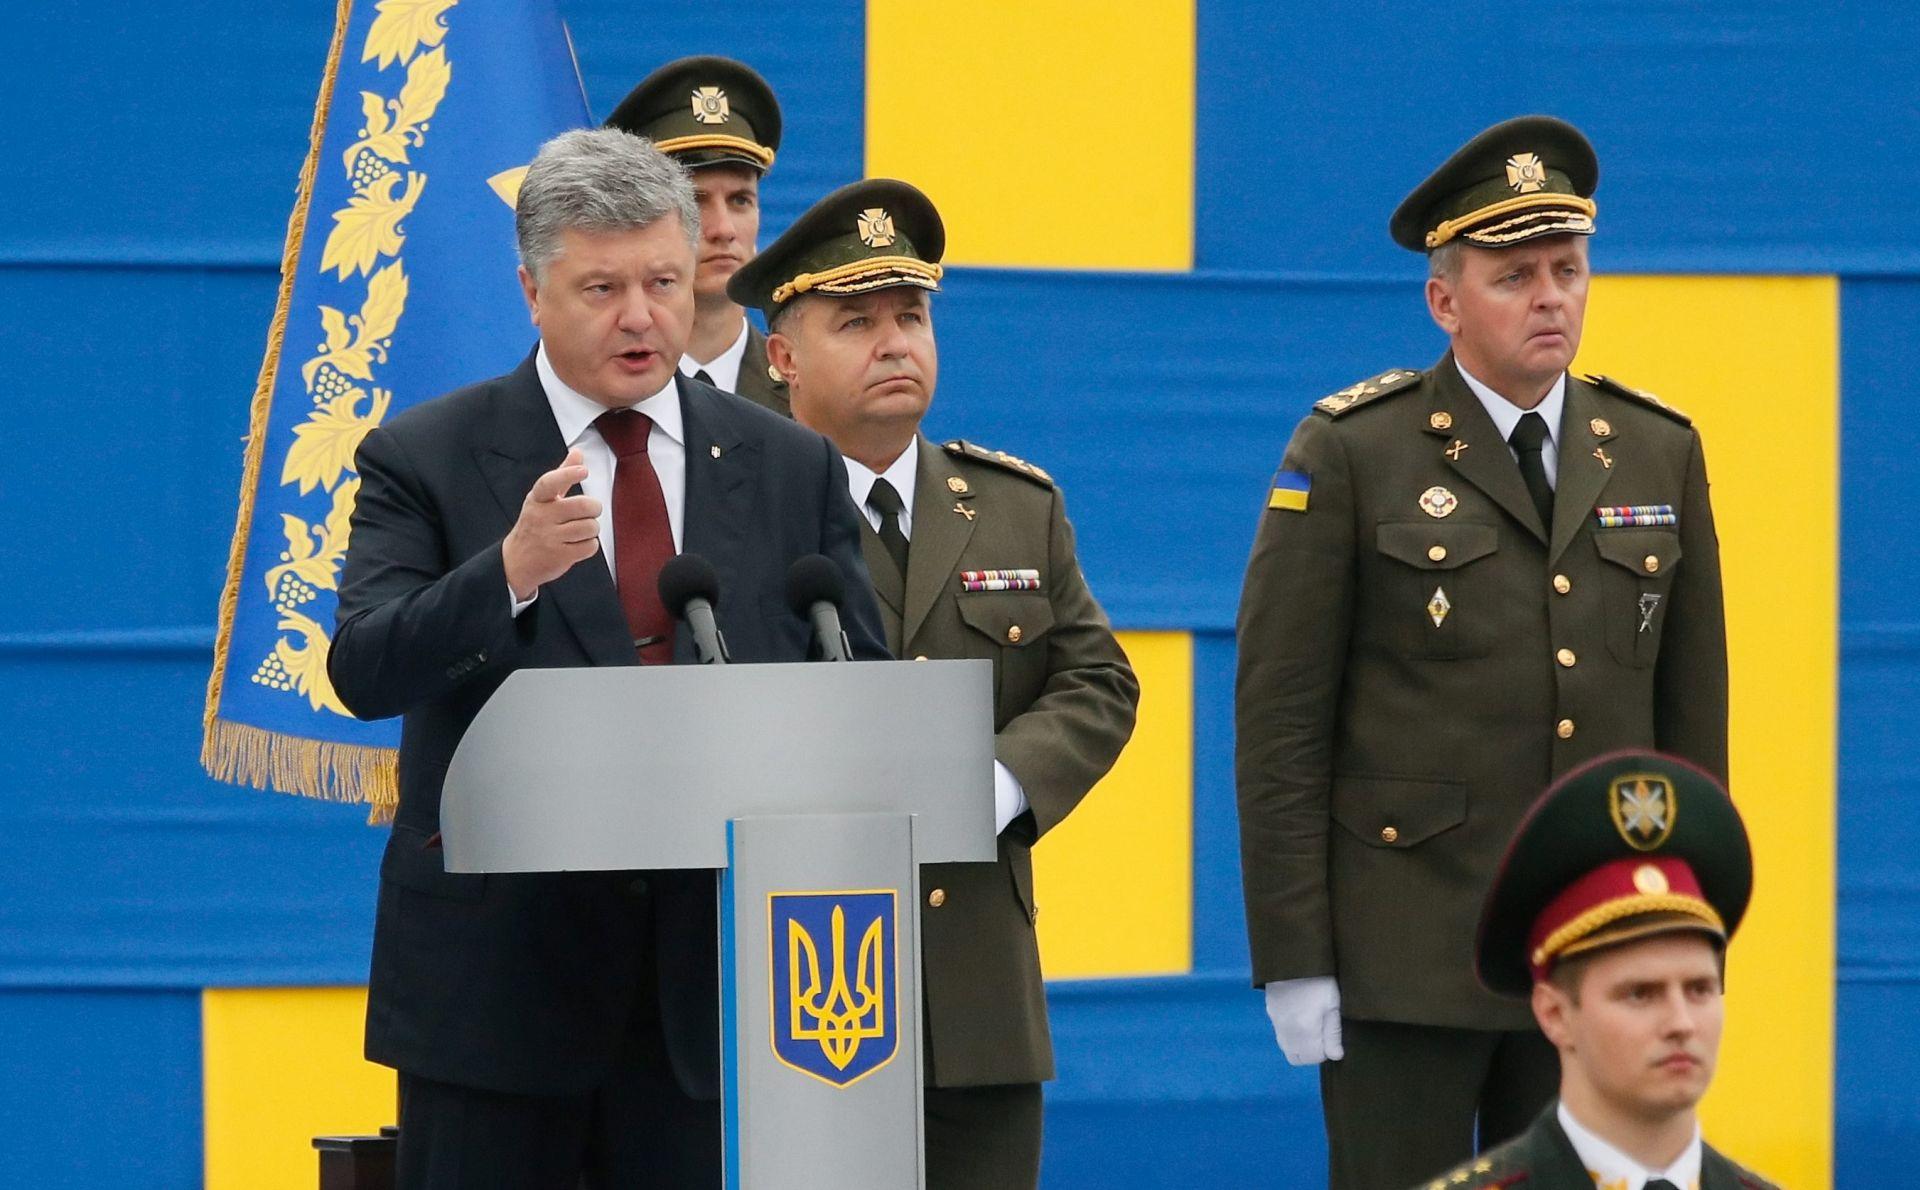 25 GODINA NEOVISNOSTI: Ukrajina slavi i optužuje Rusiju za pokušaje invazije